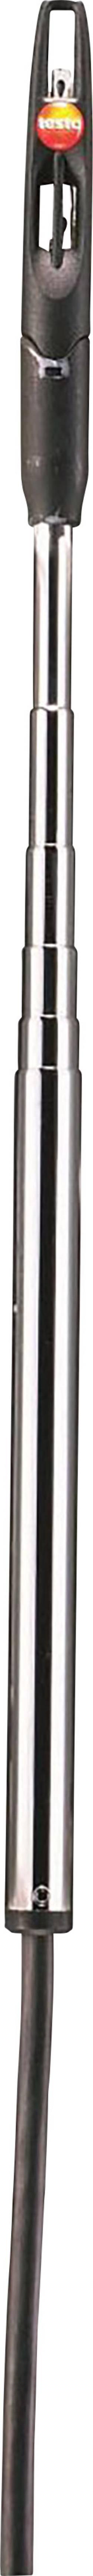 Sonde thermo-anémométrique avec capteur de température et humidité testo 0635 1535